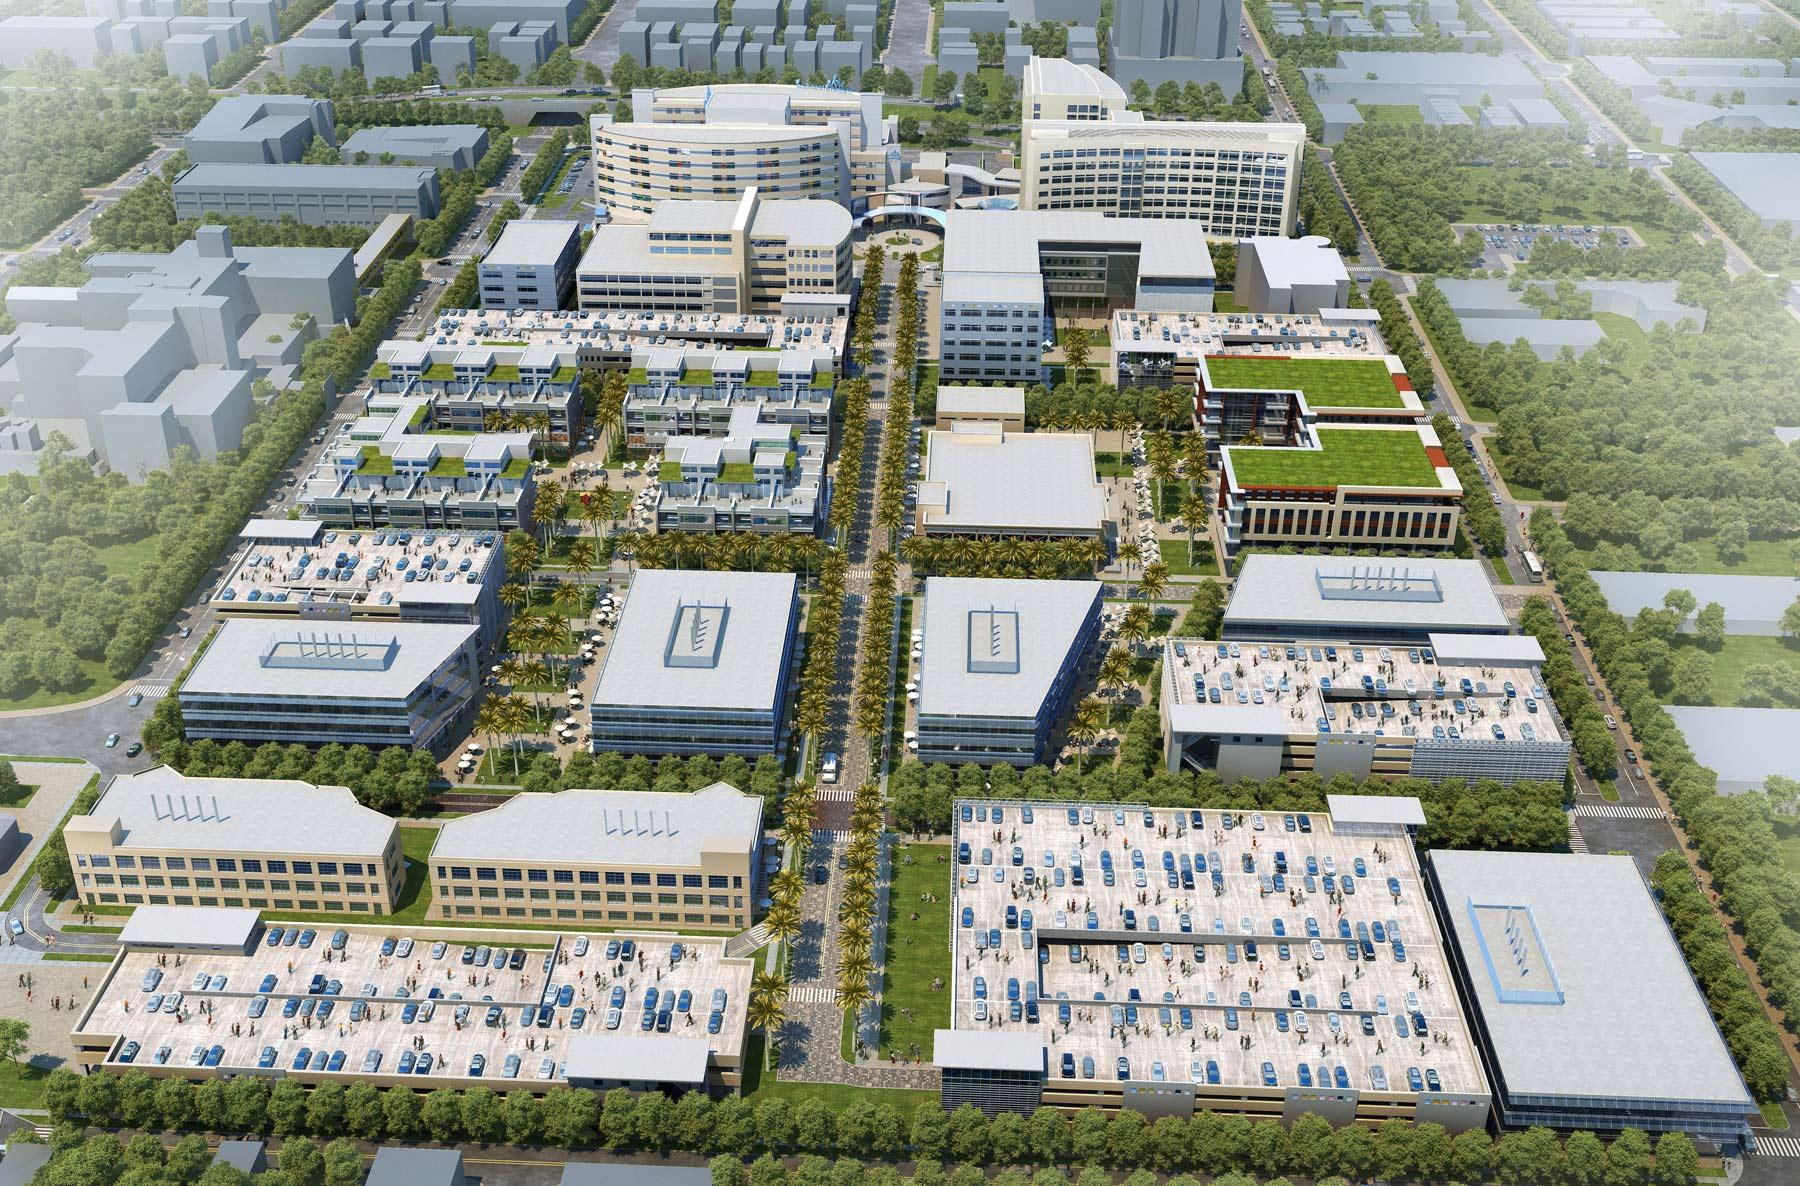 Johns Hopkins All Children's Hospital - Master Plan